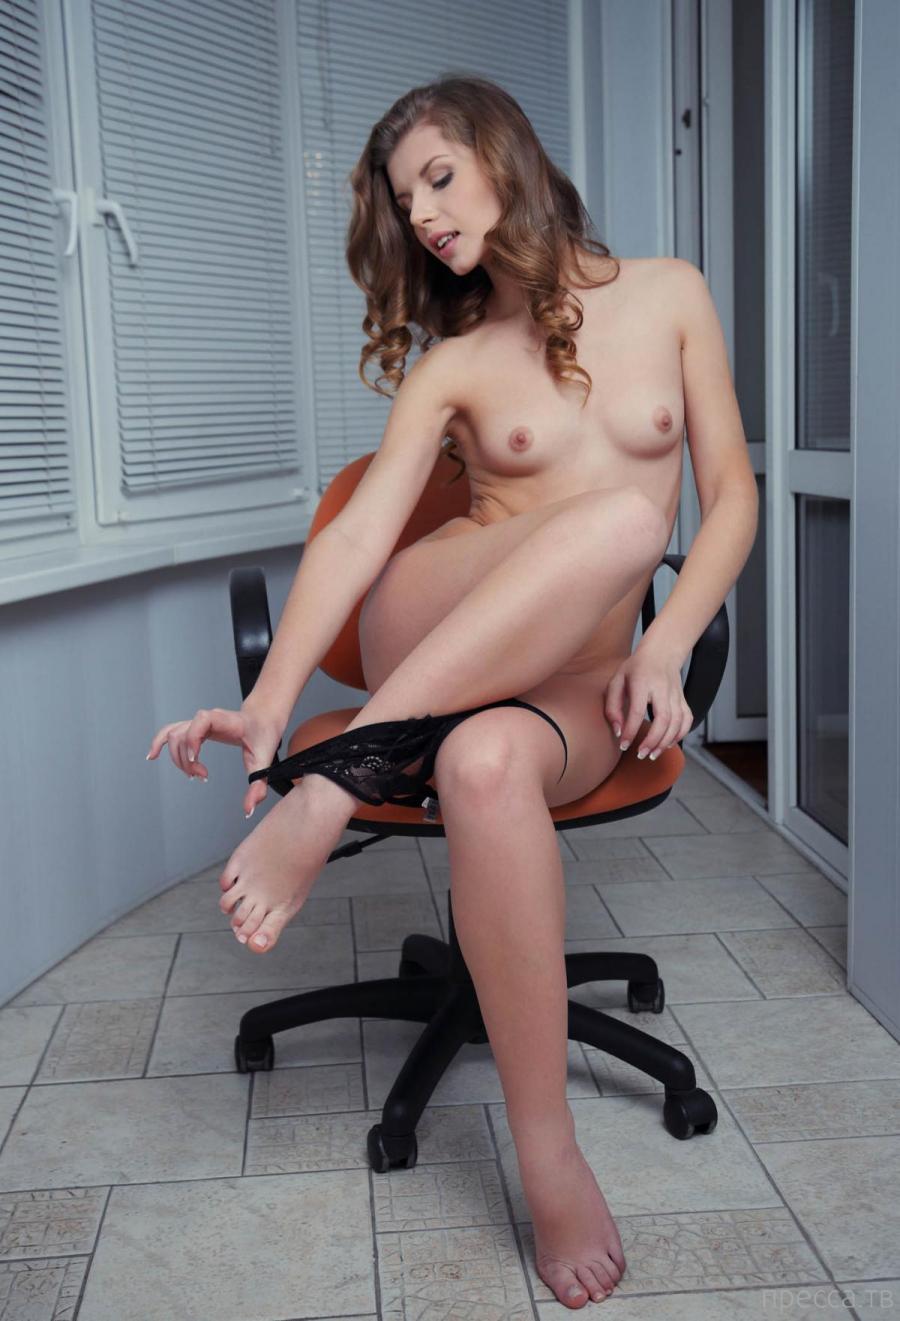 Красивая девушка с маленькой грудью (11 фото)